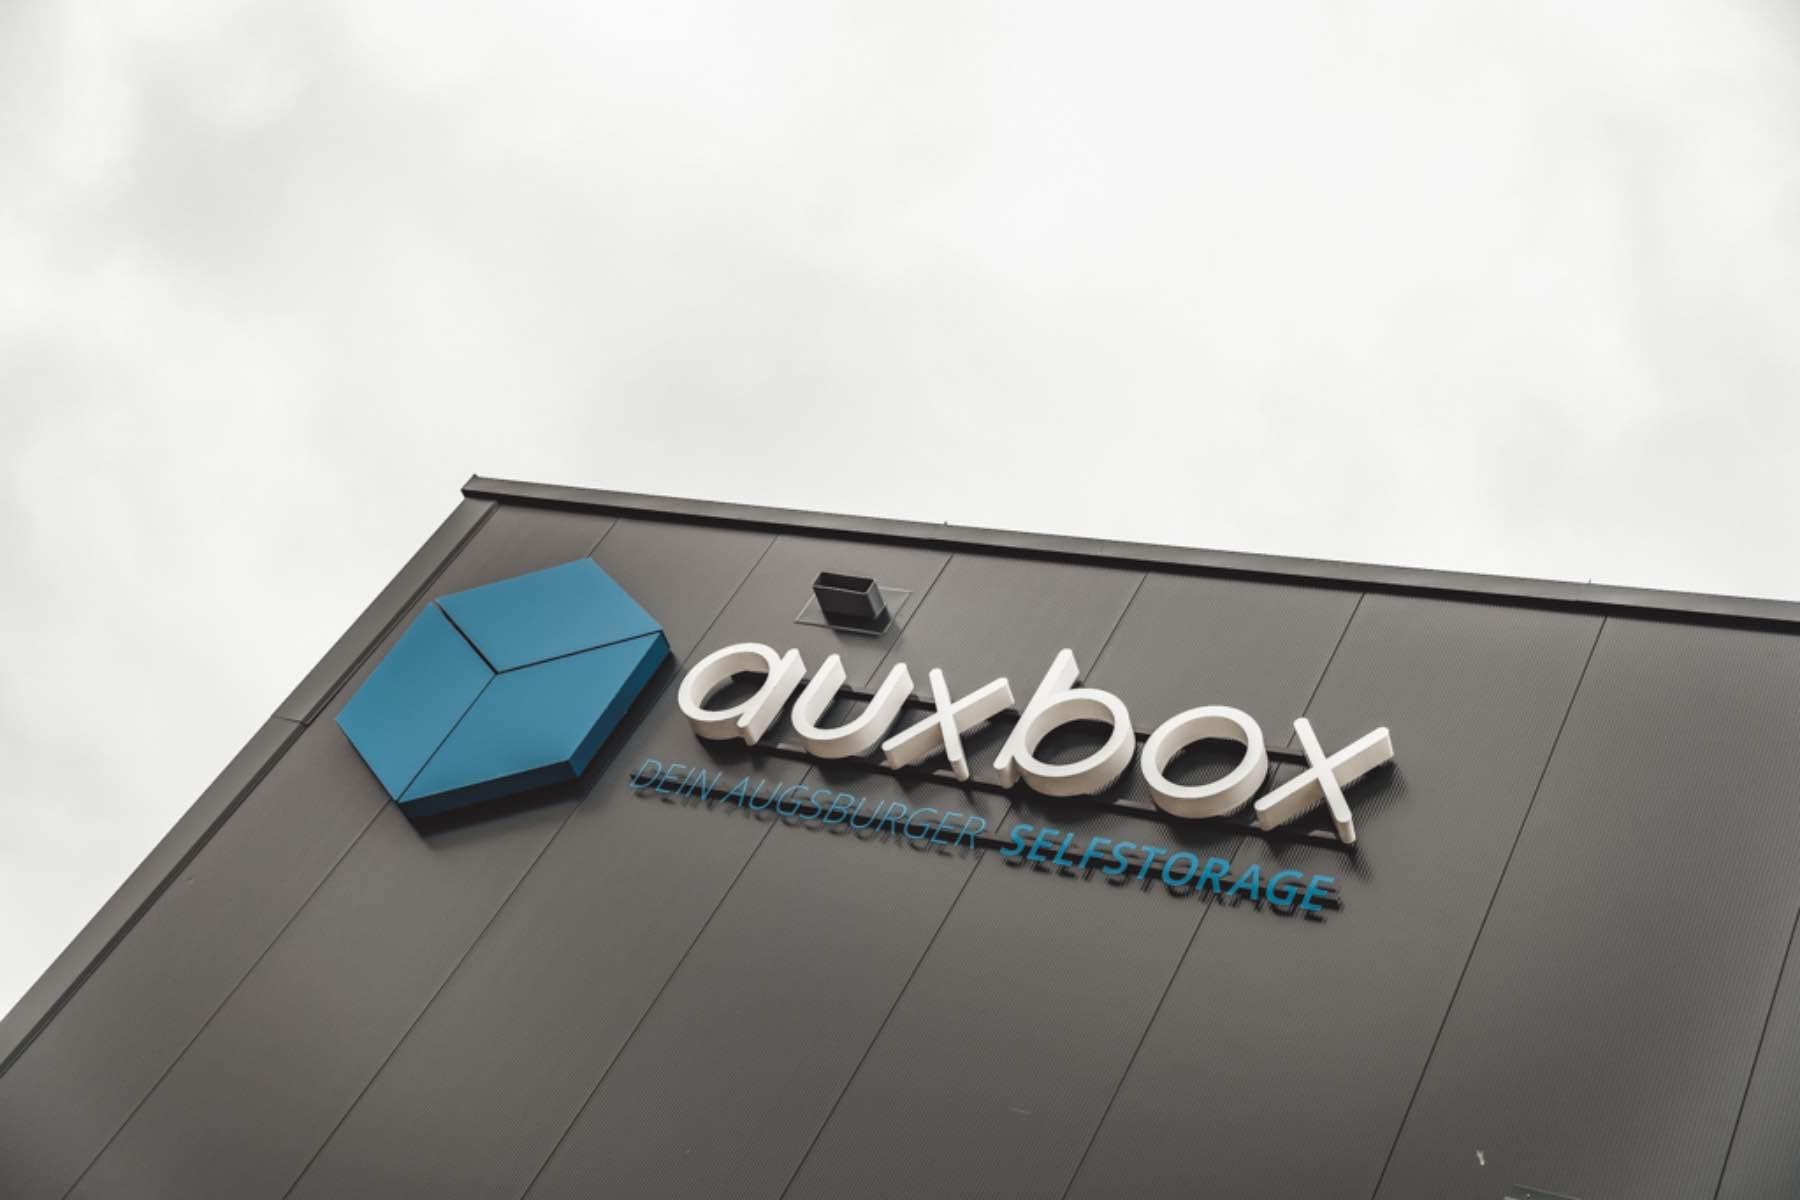 geheimtipp Augsburg auxbox